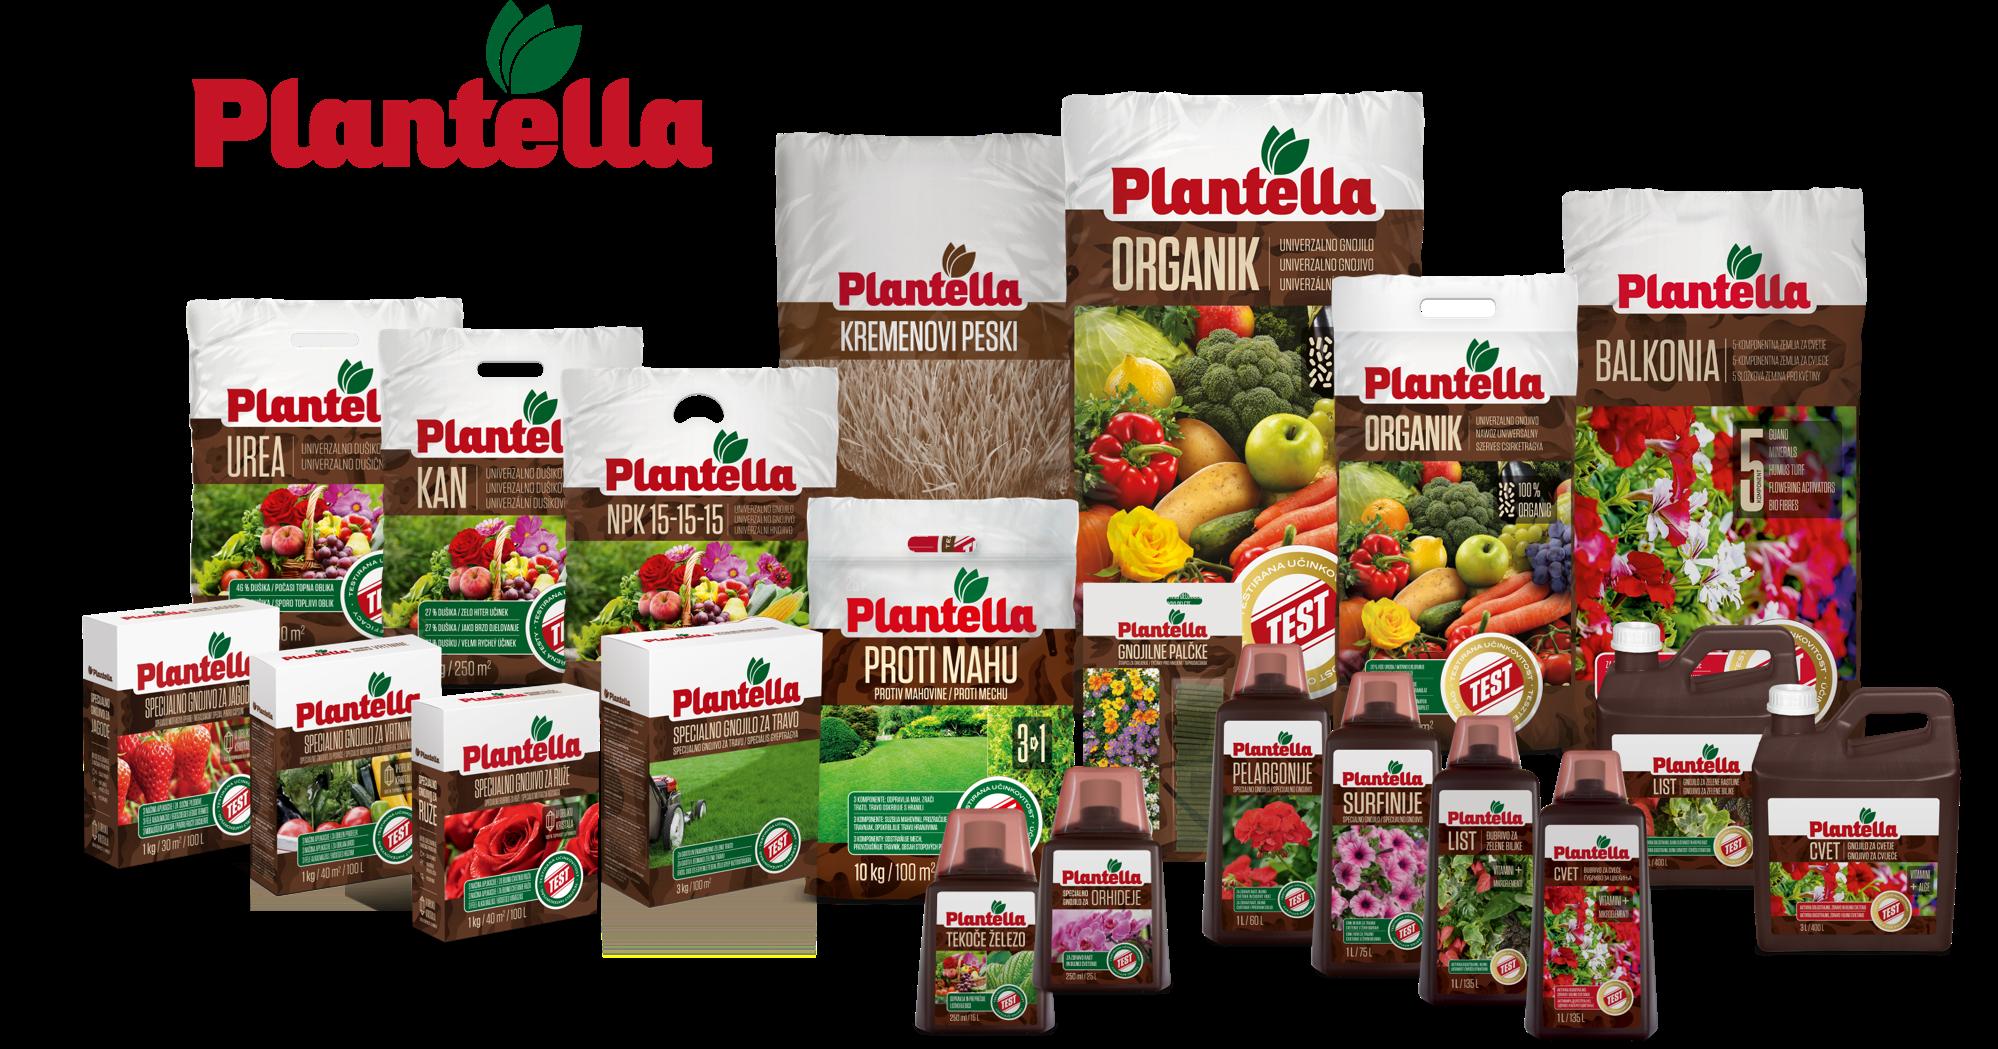 Plantella_skupinska